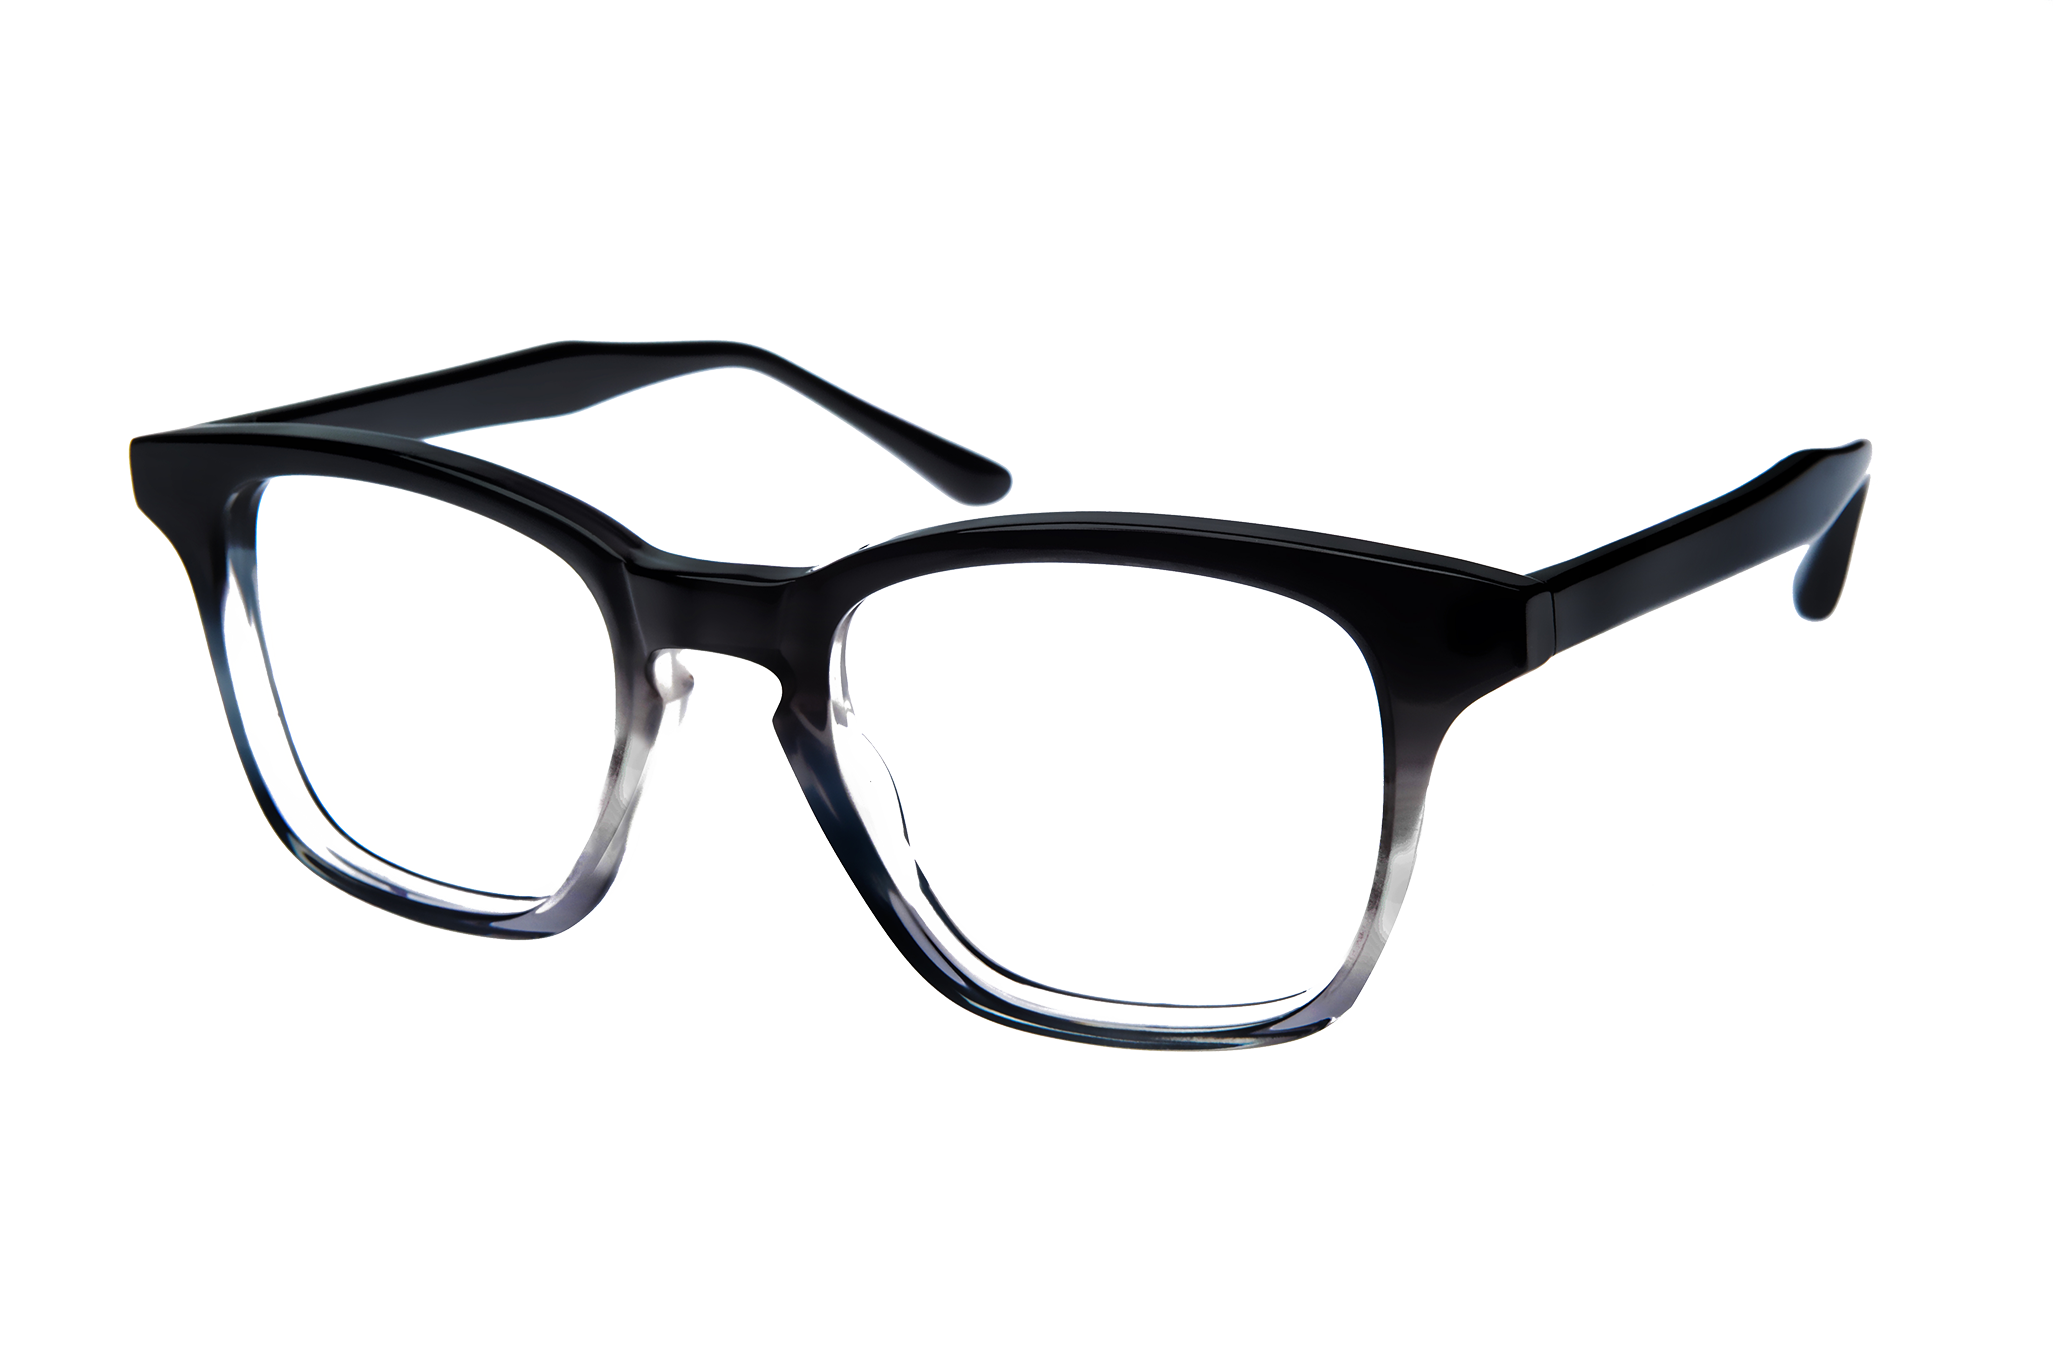 Glasses HD PNG - 96260